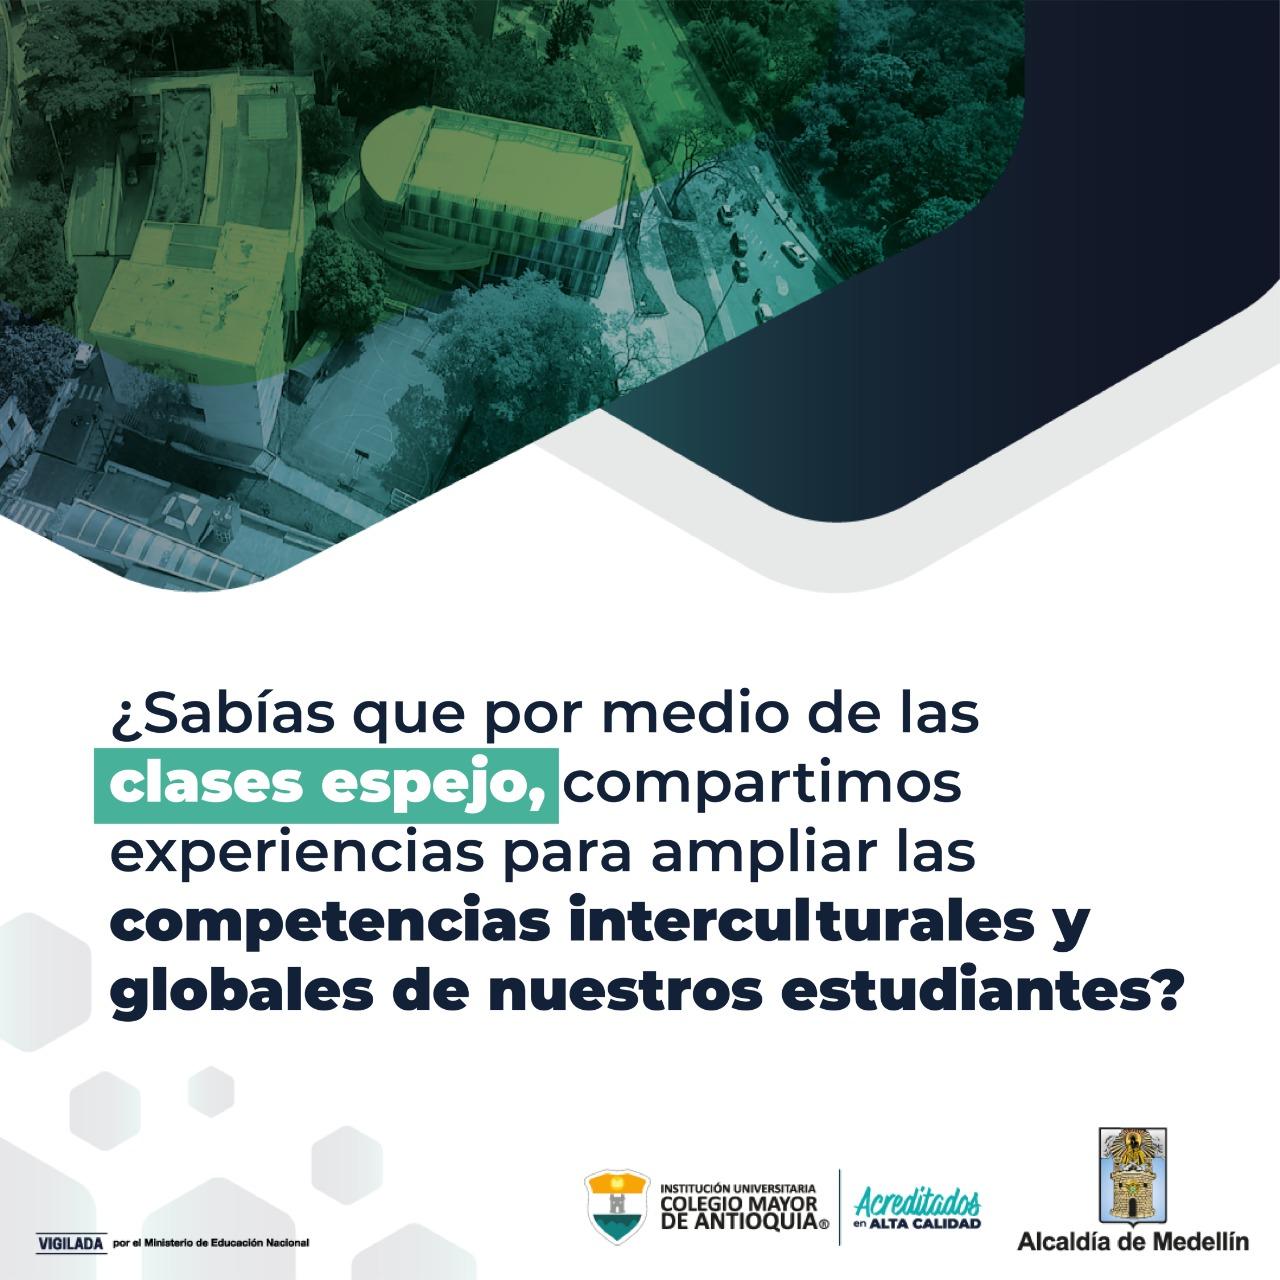 Clases espejo: internacionalización del currículo